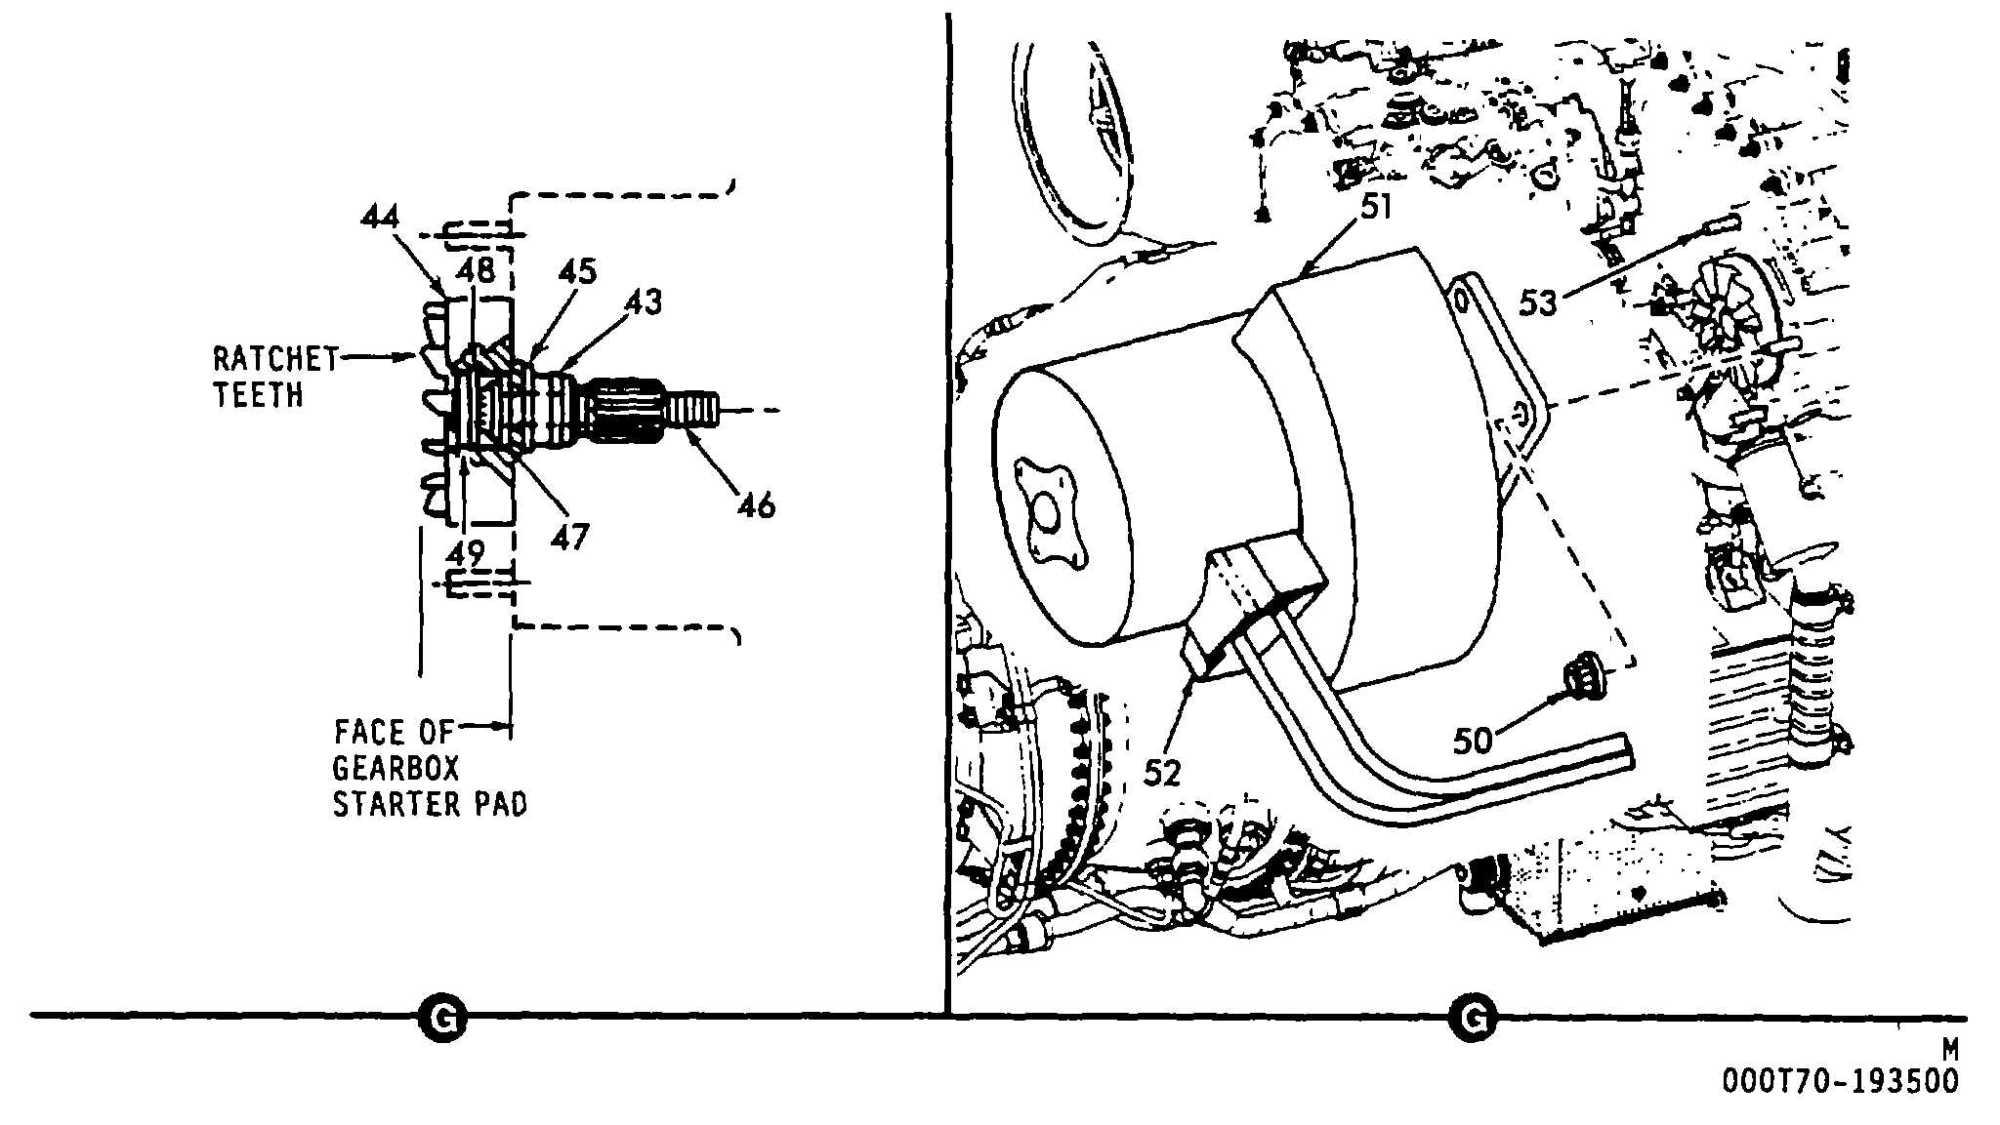 hight resolution of ge t700 diagram wiring diagram repair guides ge t700 diagram